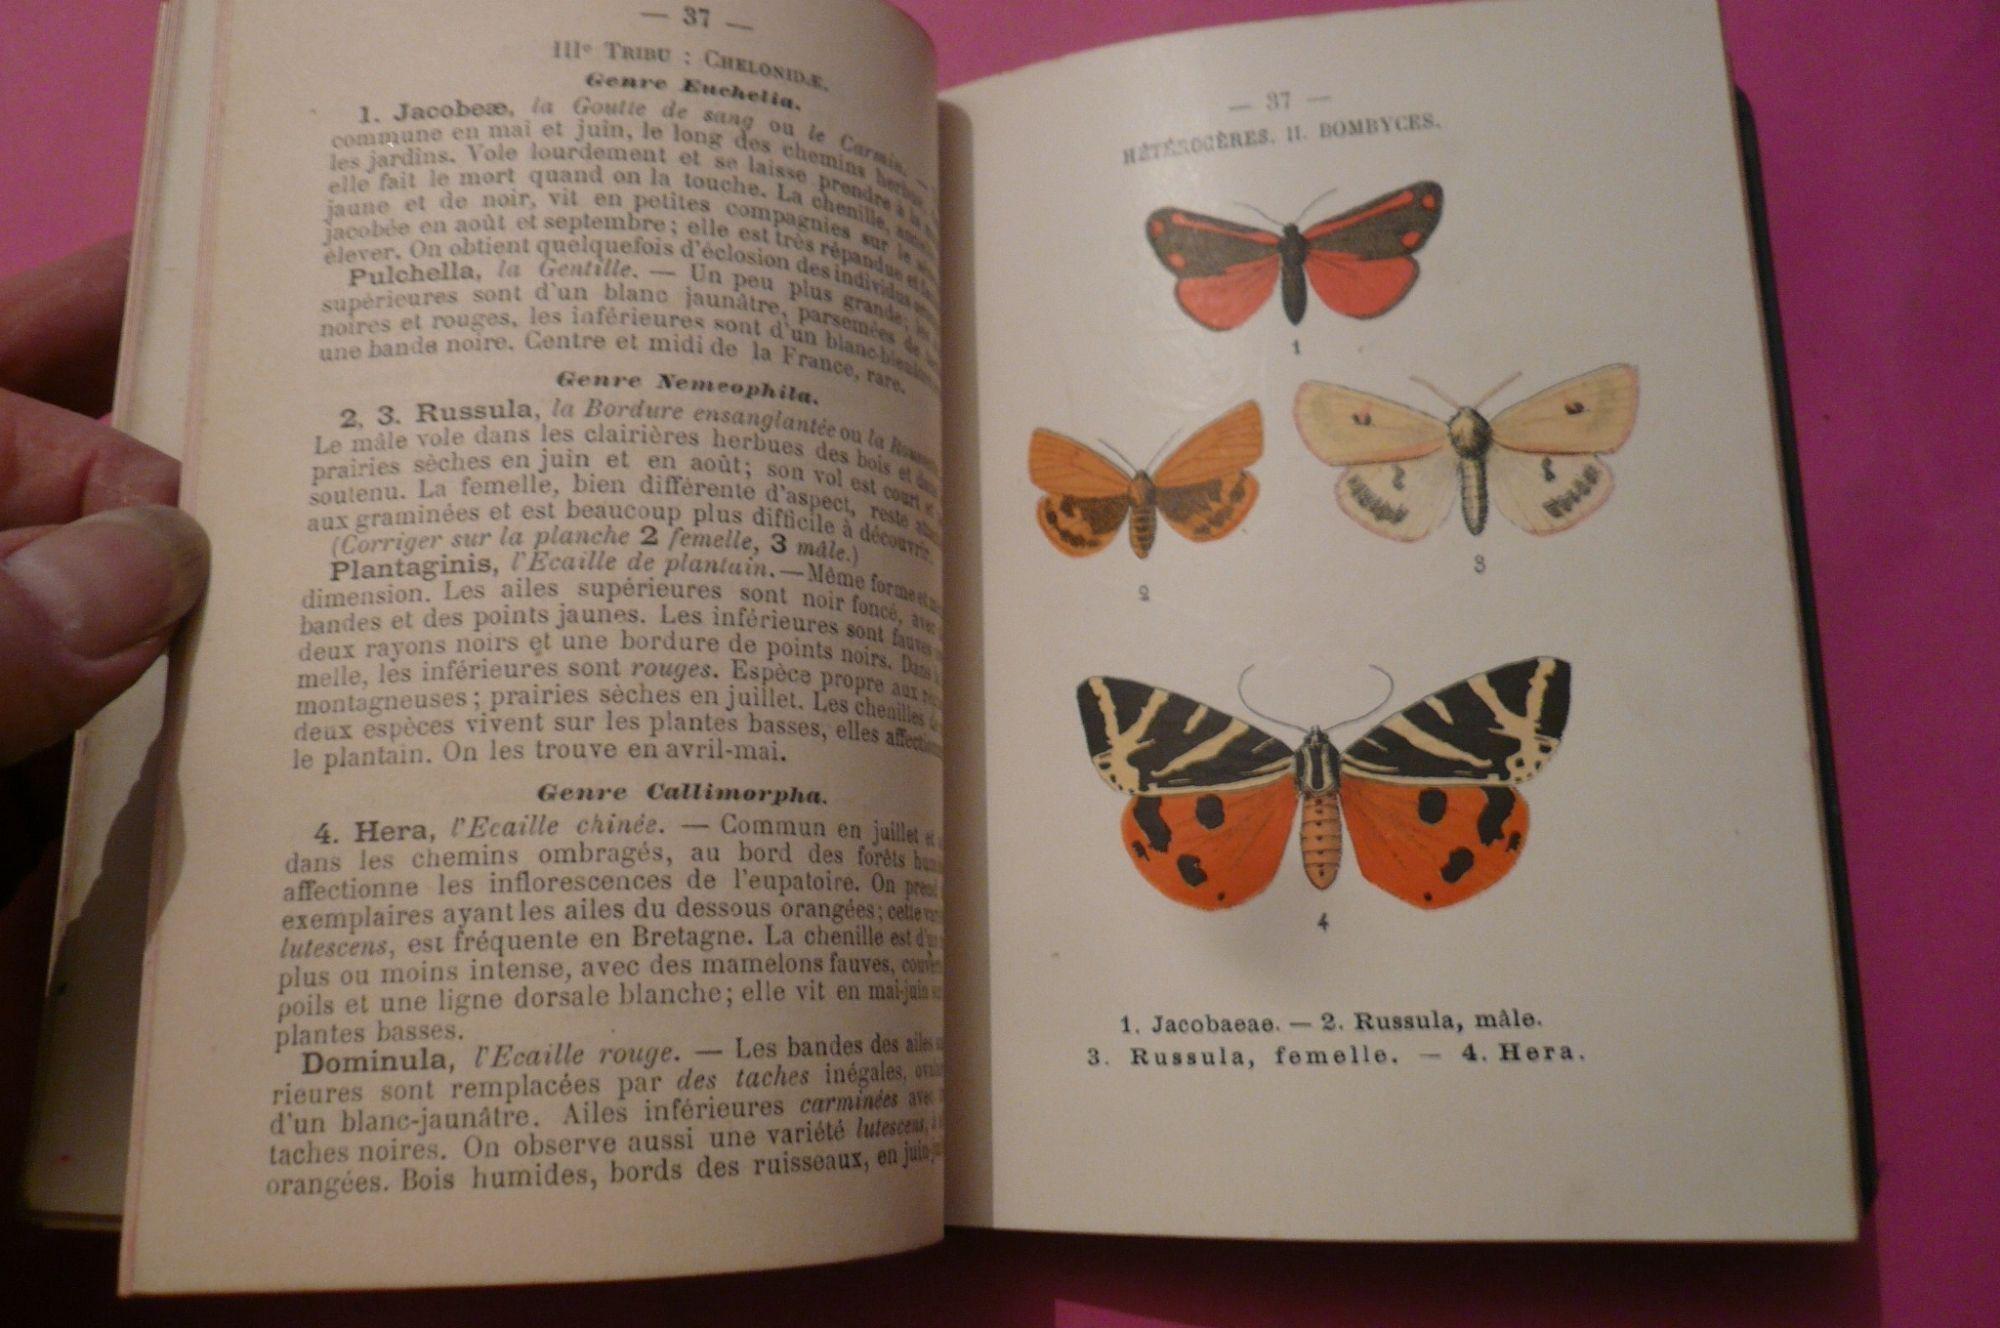 Atlas de poche des papillons de France, Suisse et Belgique - Paul Girod